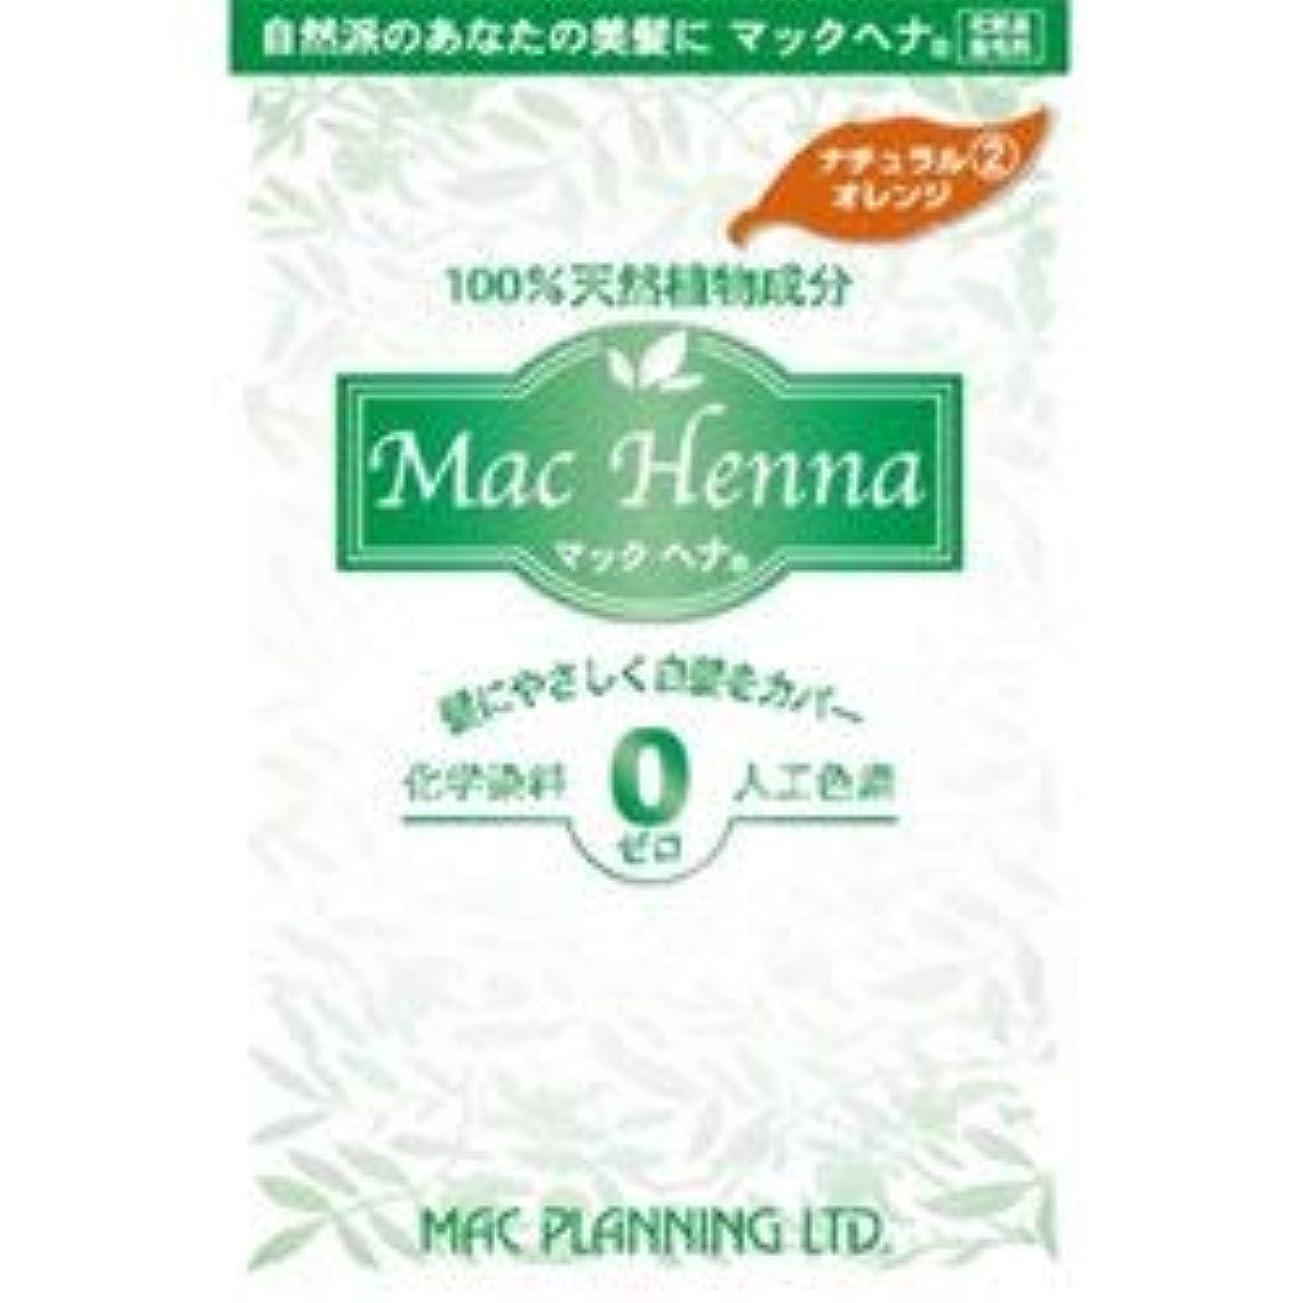 市民賭けベアリング【マックプランニング】マック ヘナハーバルヘアートリートメント NOR (100g) ×10個セット